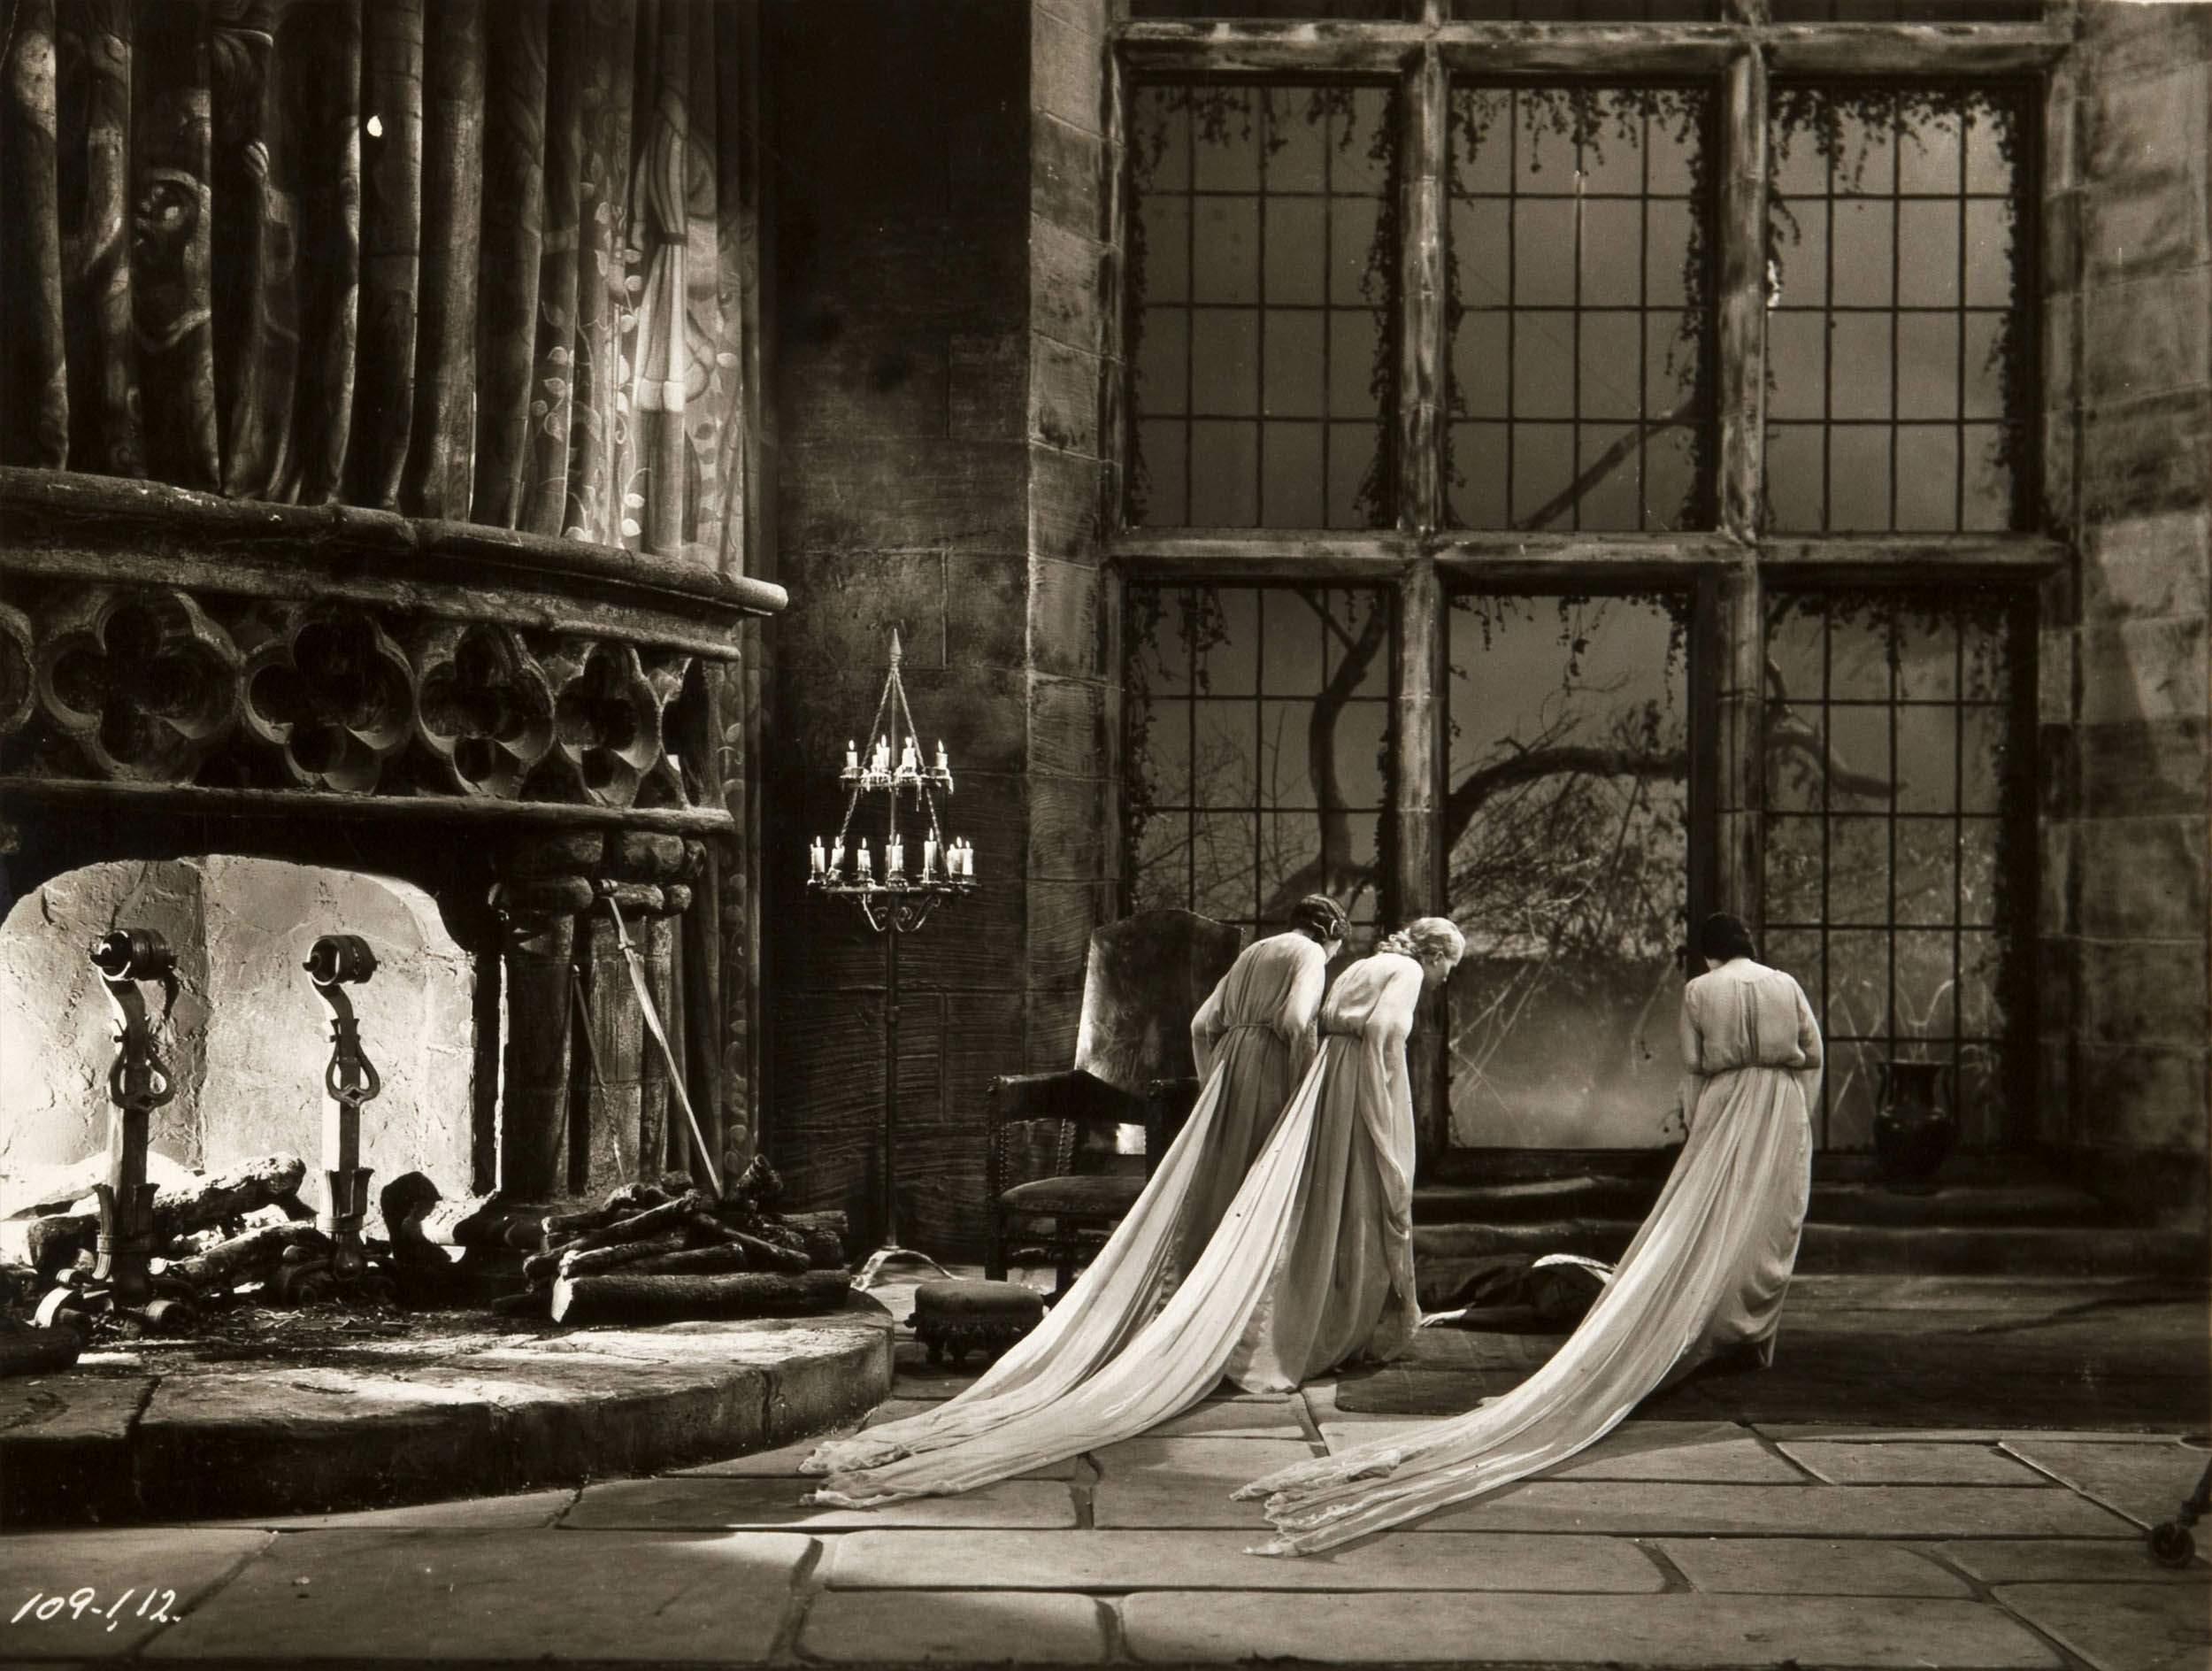 Imagenes cinéfilas - Página 4 Dracula-1931-08